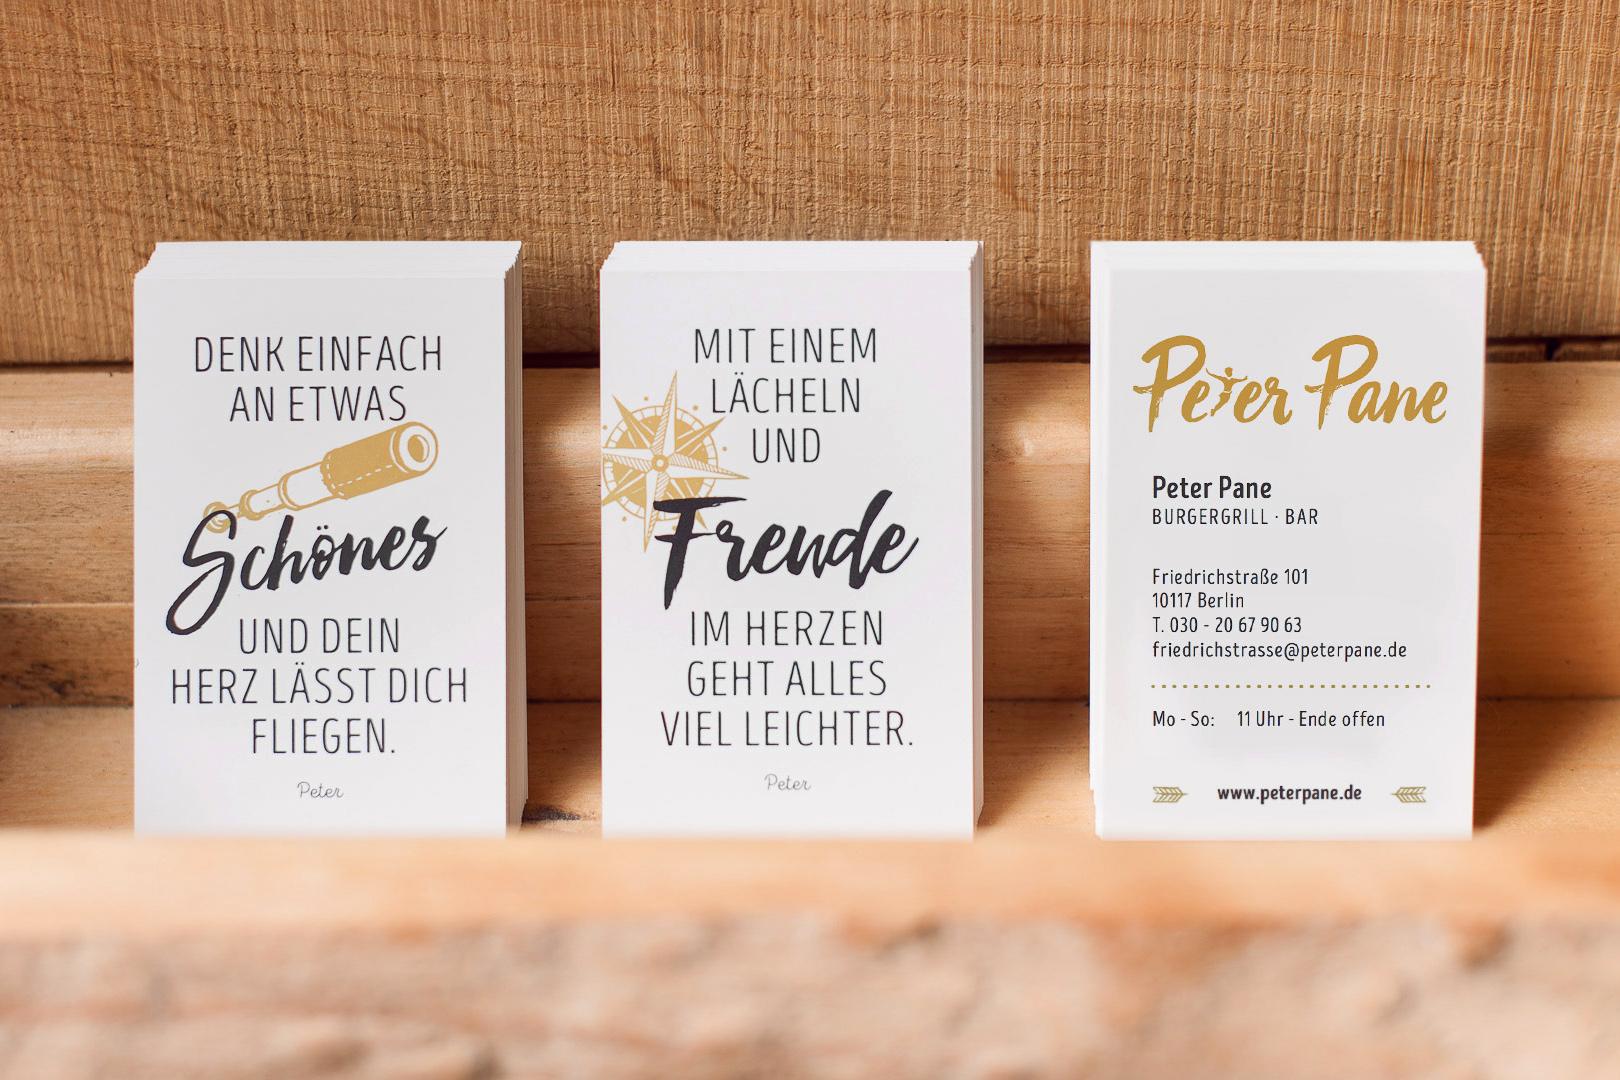 Visitenkarten für die Restaurants des Peter Pane Burgergrill und Bar